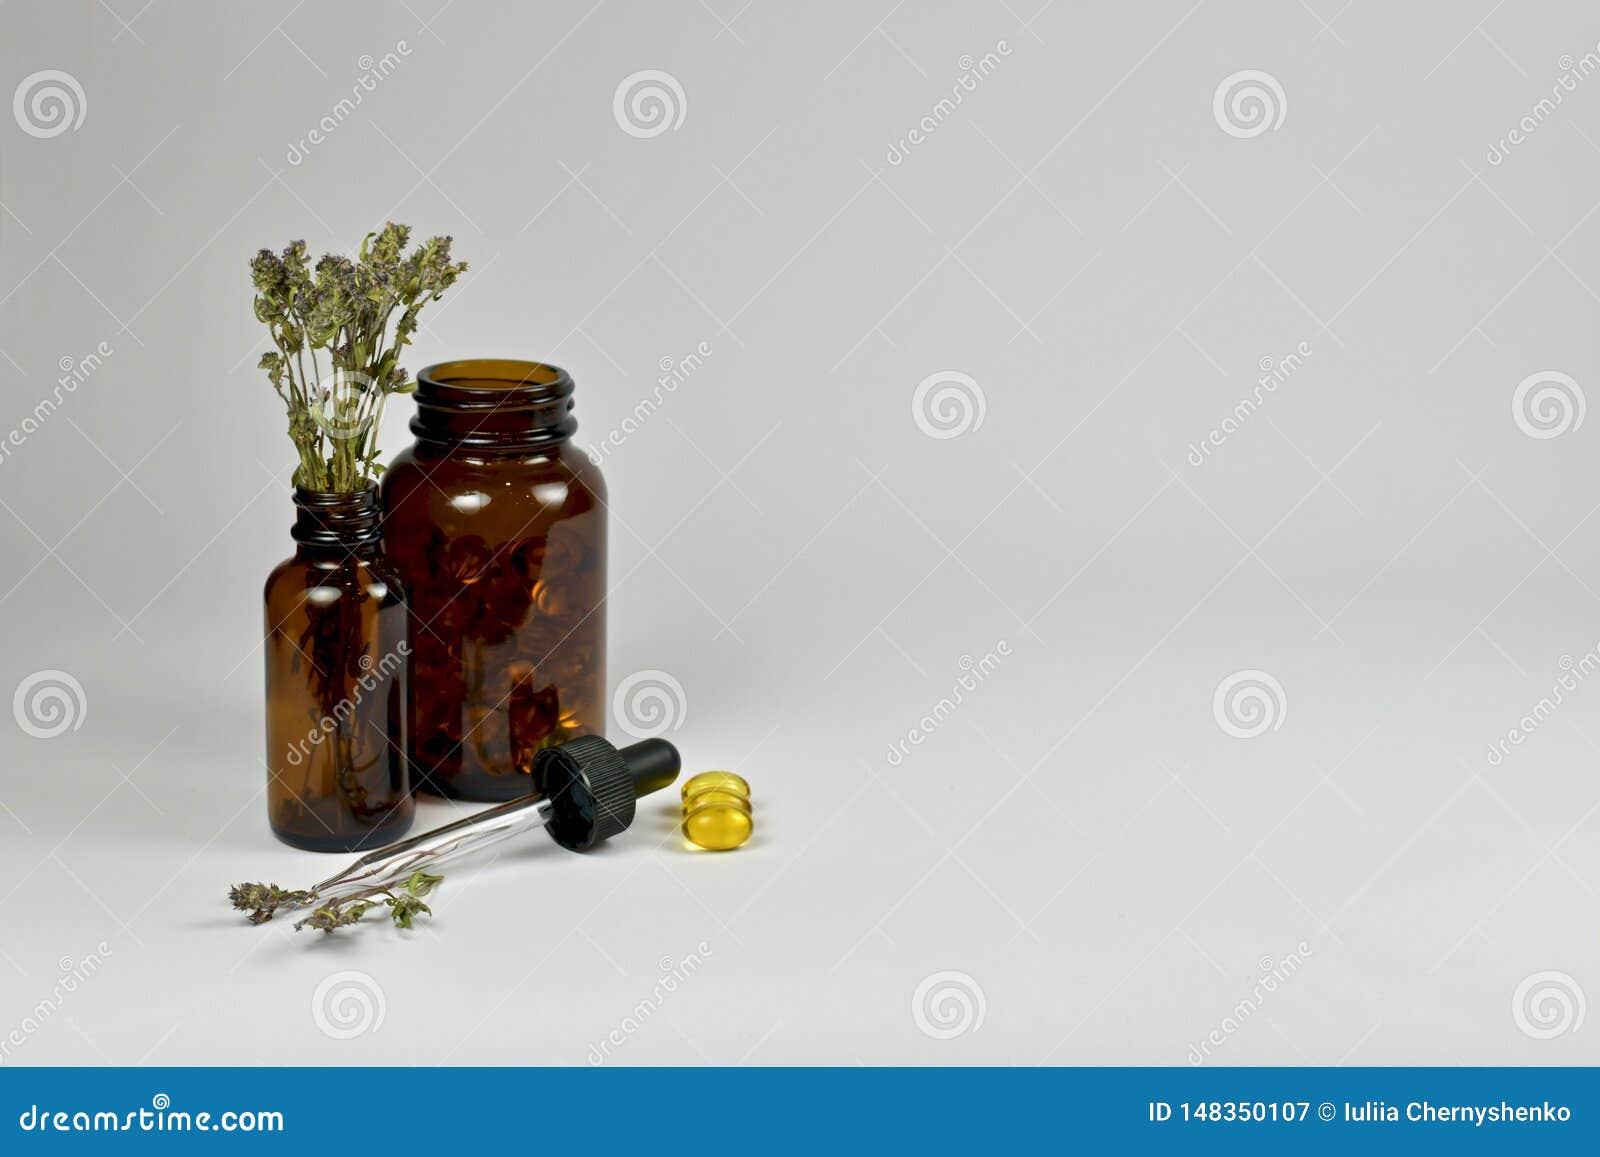 Donkere glas medische flessen, droge thyme, oliecapsules en een GLB-pipet